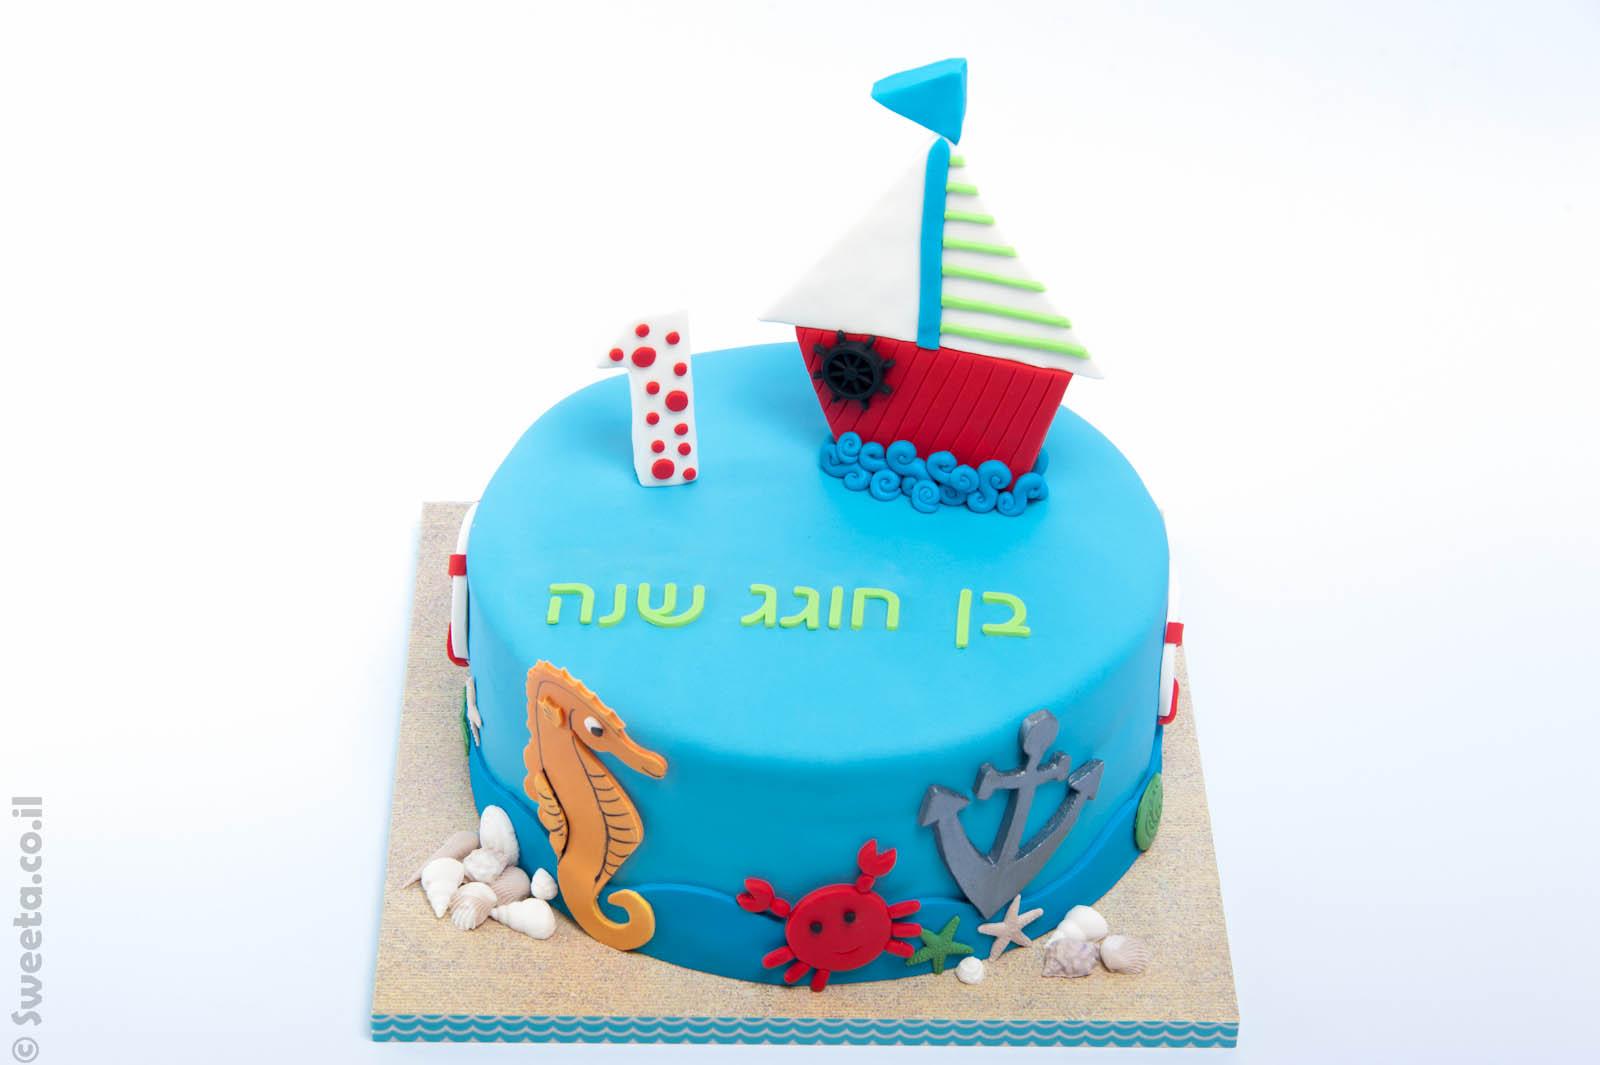 יום הולדת שנה בסגנון ים עם סירה